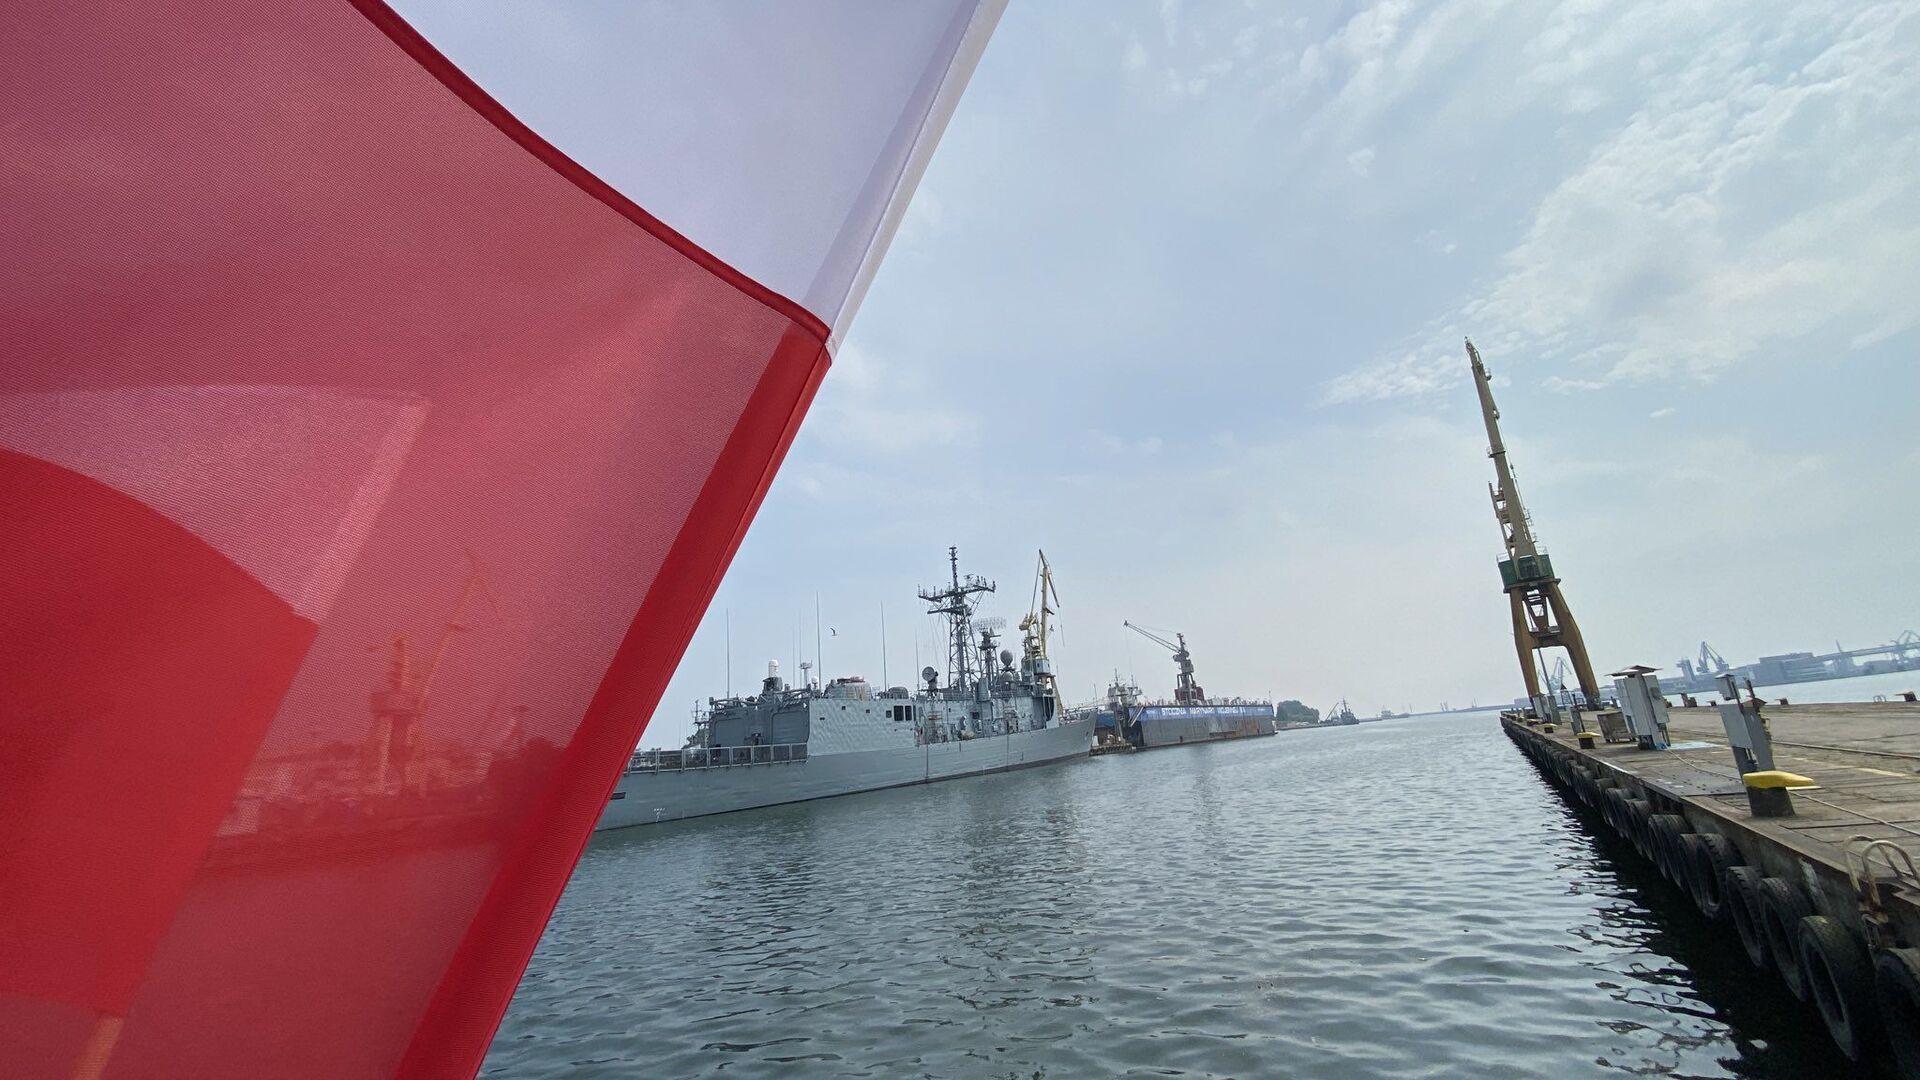 Marynarka Wojenna otrzyma okręty w ramach programu Miecznik - Sputnik Polska, 1920, 27.07.2021